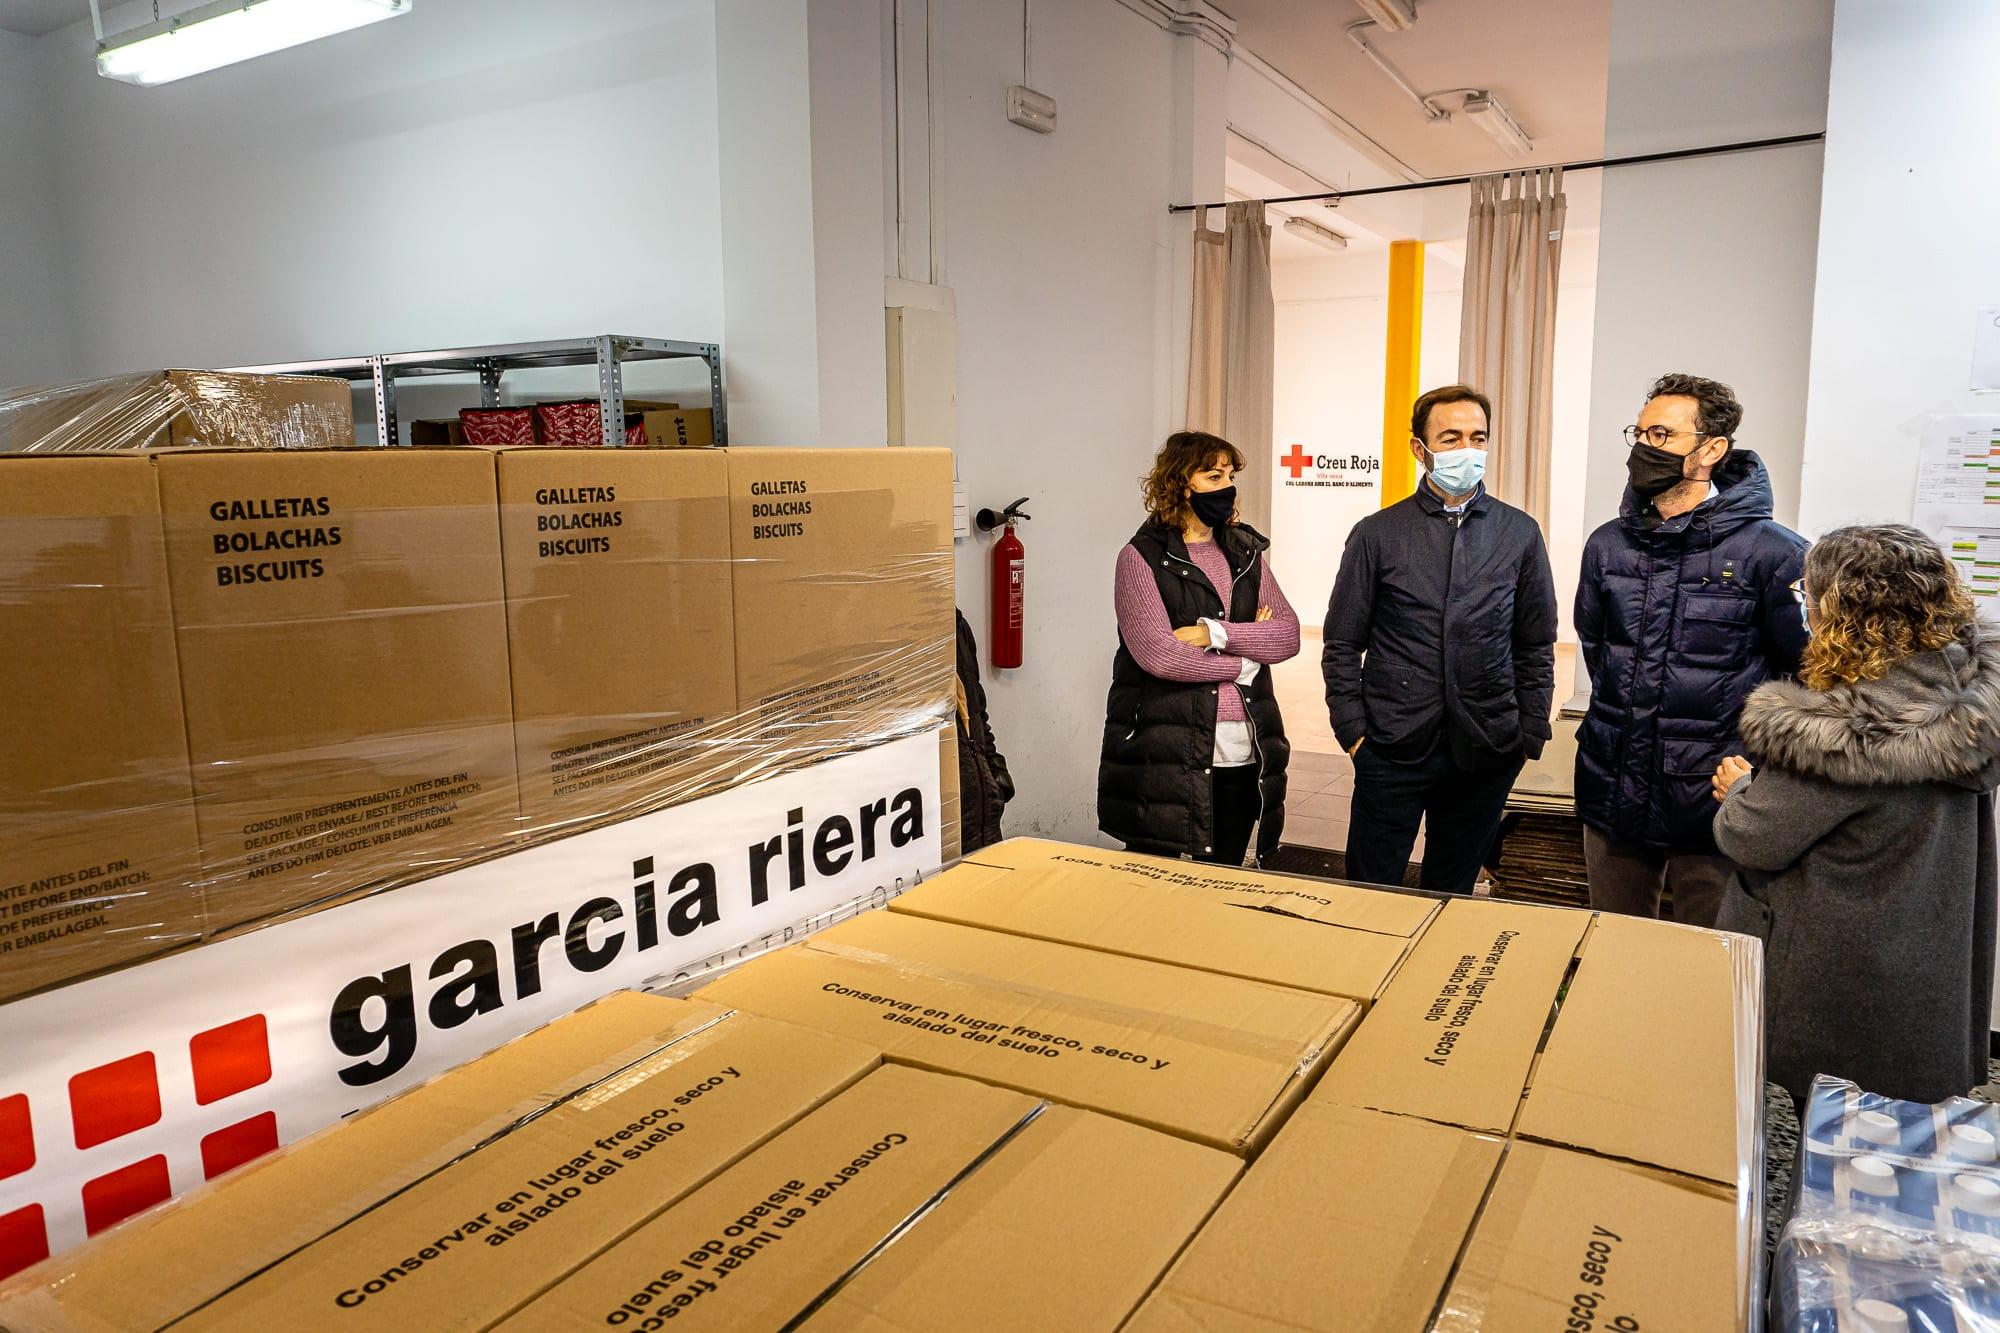 garcia riera dona 3 tones d'aliments al banc aliments vila-seca